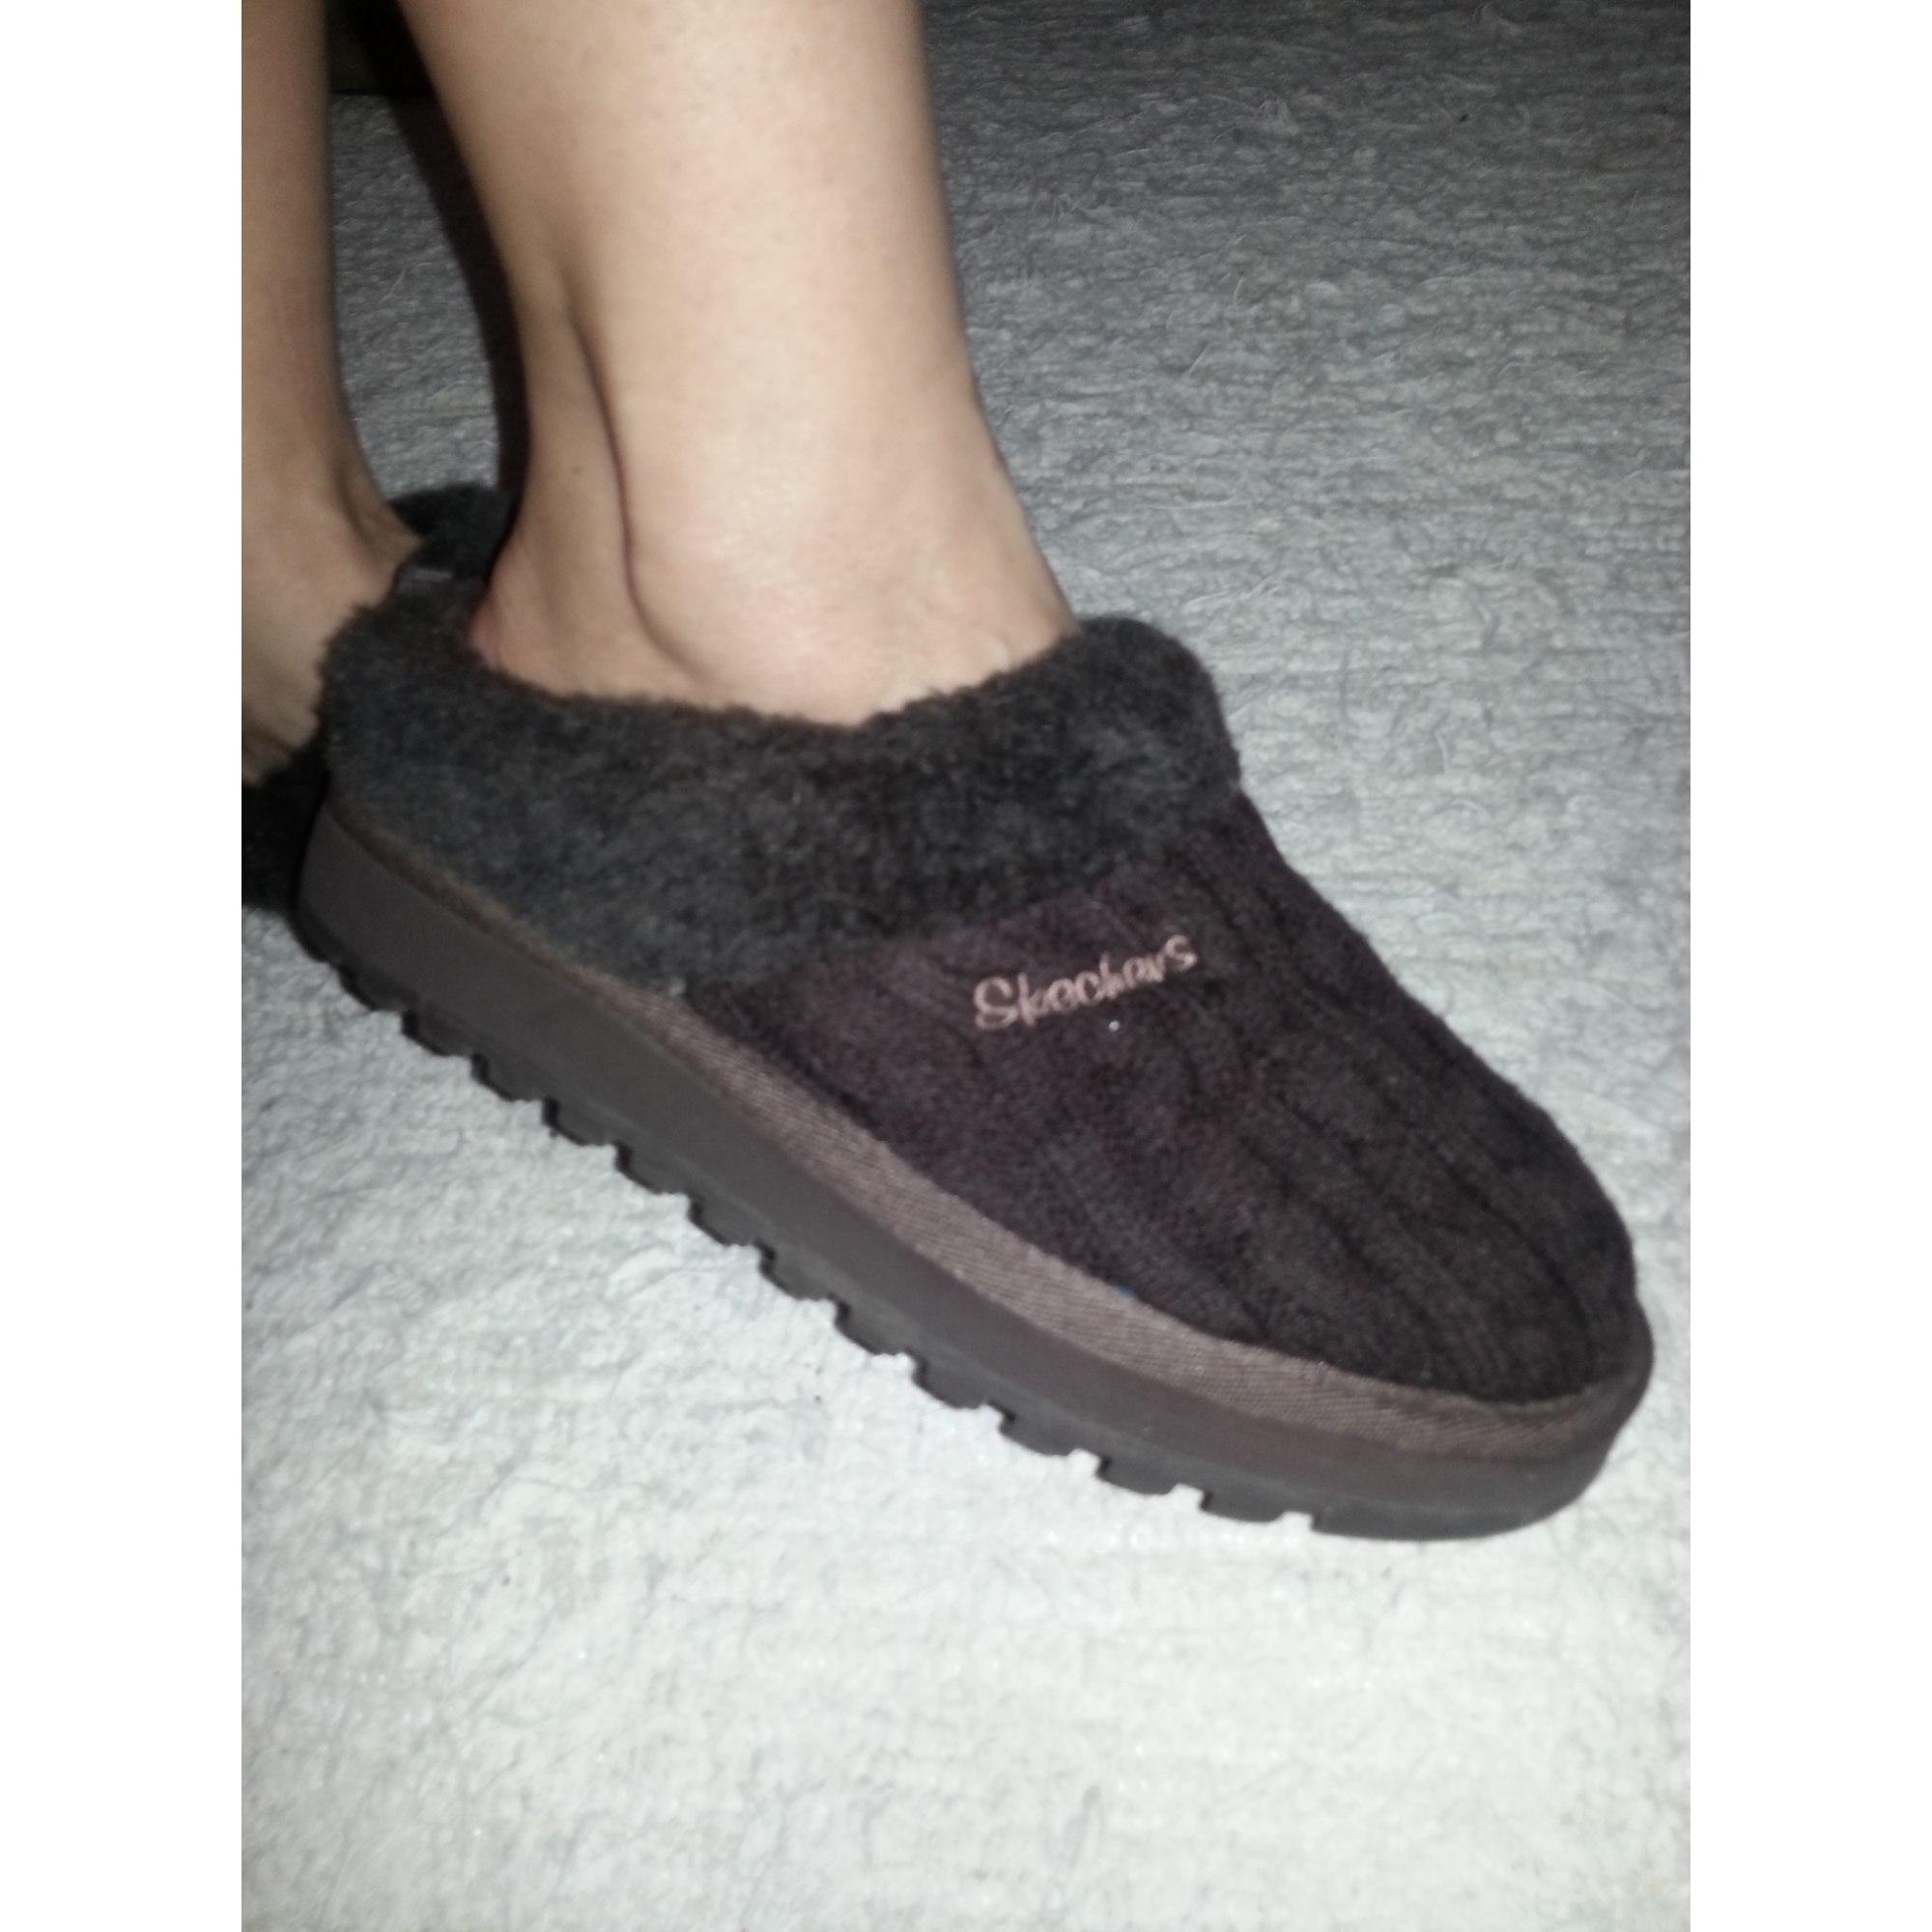 4ebae432b43 Chaussons   pantoufles SKECHERS 37 marron vendu par I m me243832 ...